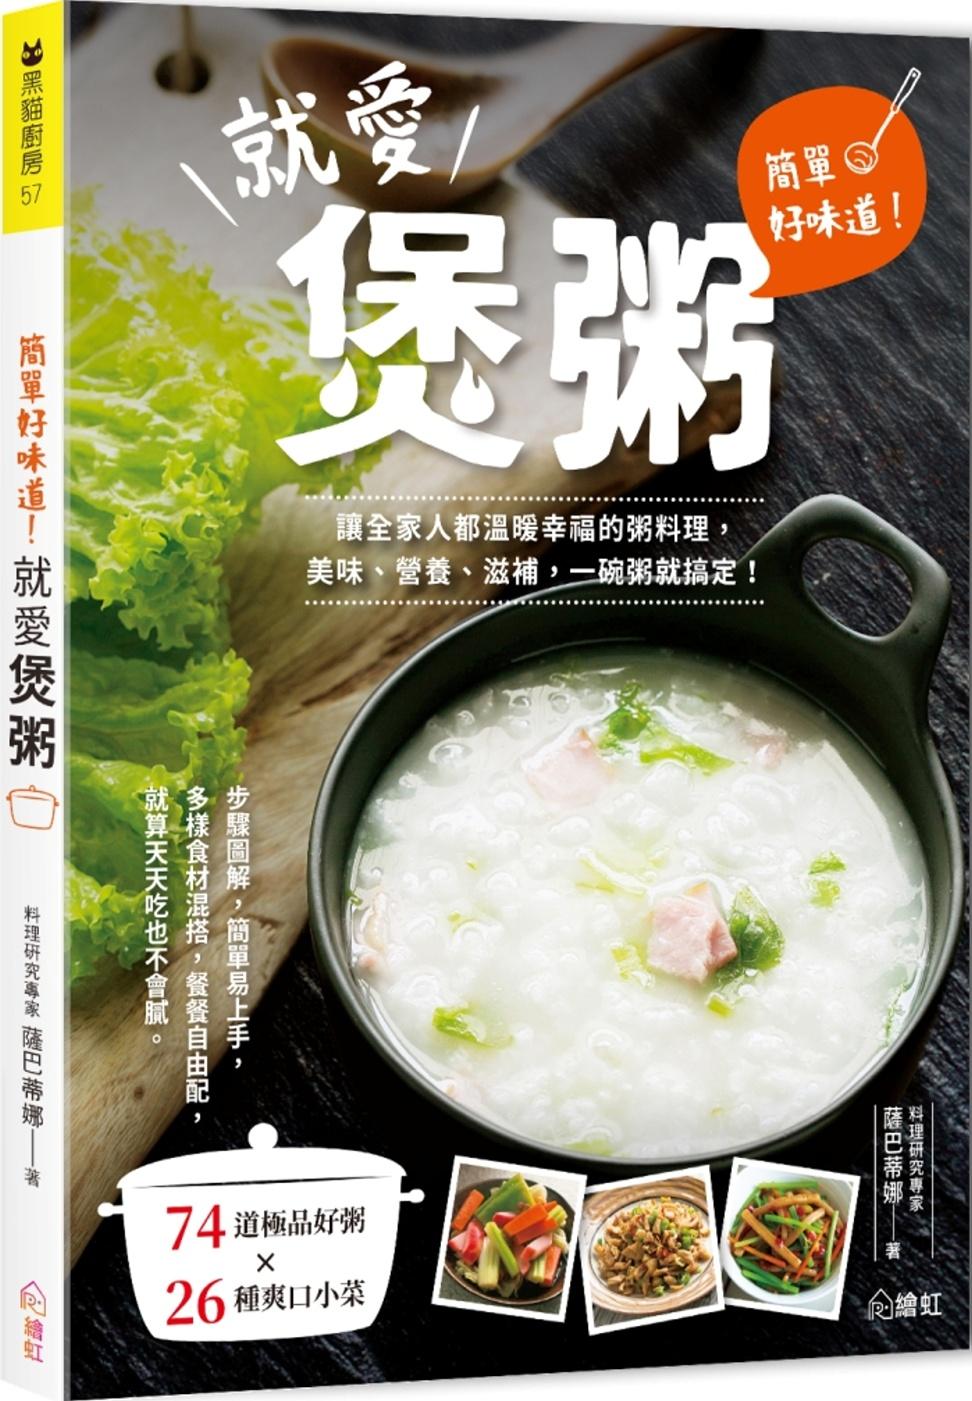 ◤博客來BOOKS◢ 暢銷書榜《推薦》簡單好味道!就愛煲粥 :讓全家人都溫暖幸福的粥料理,美味、營養、滋補,一碗粥就搞定!